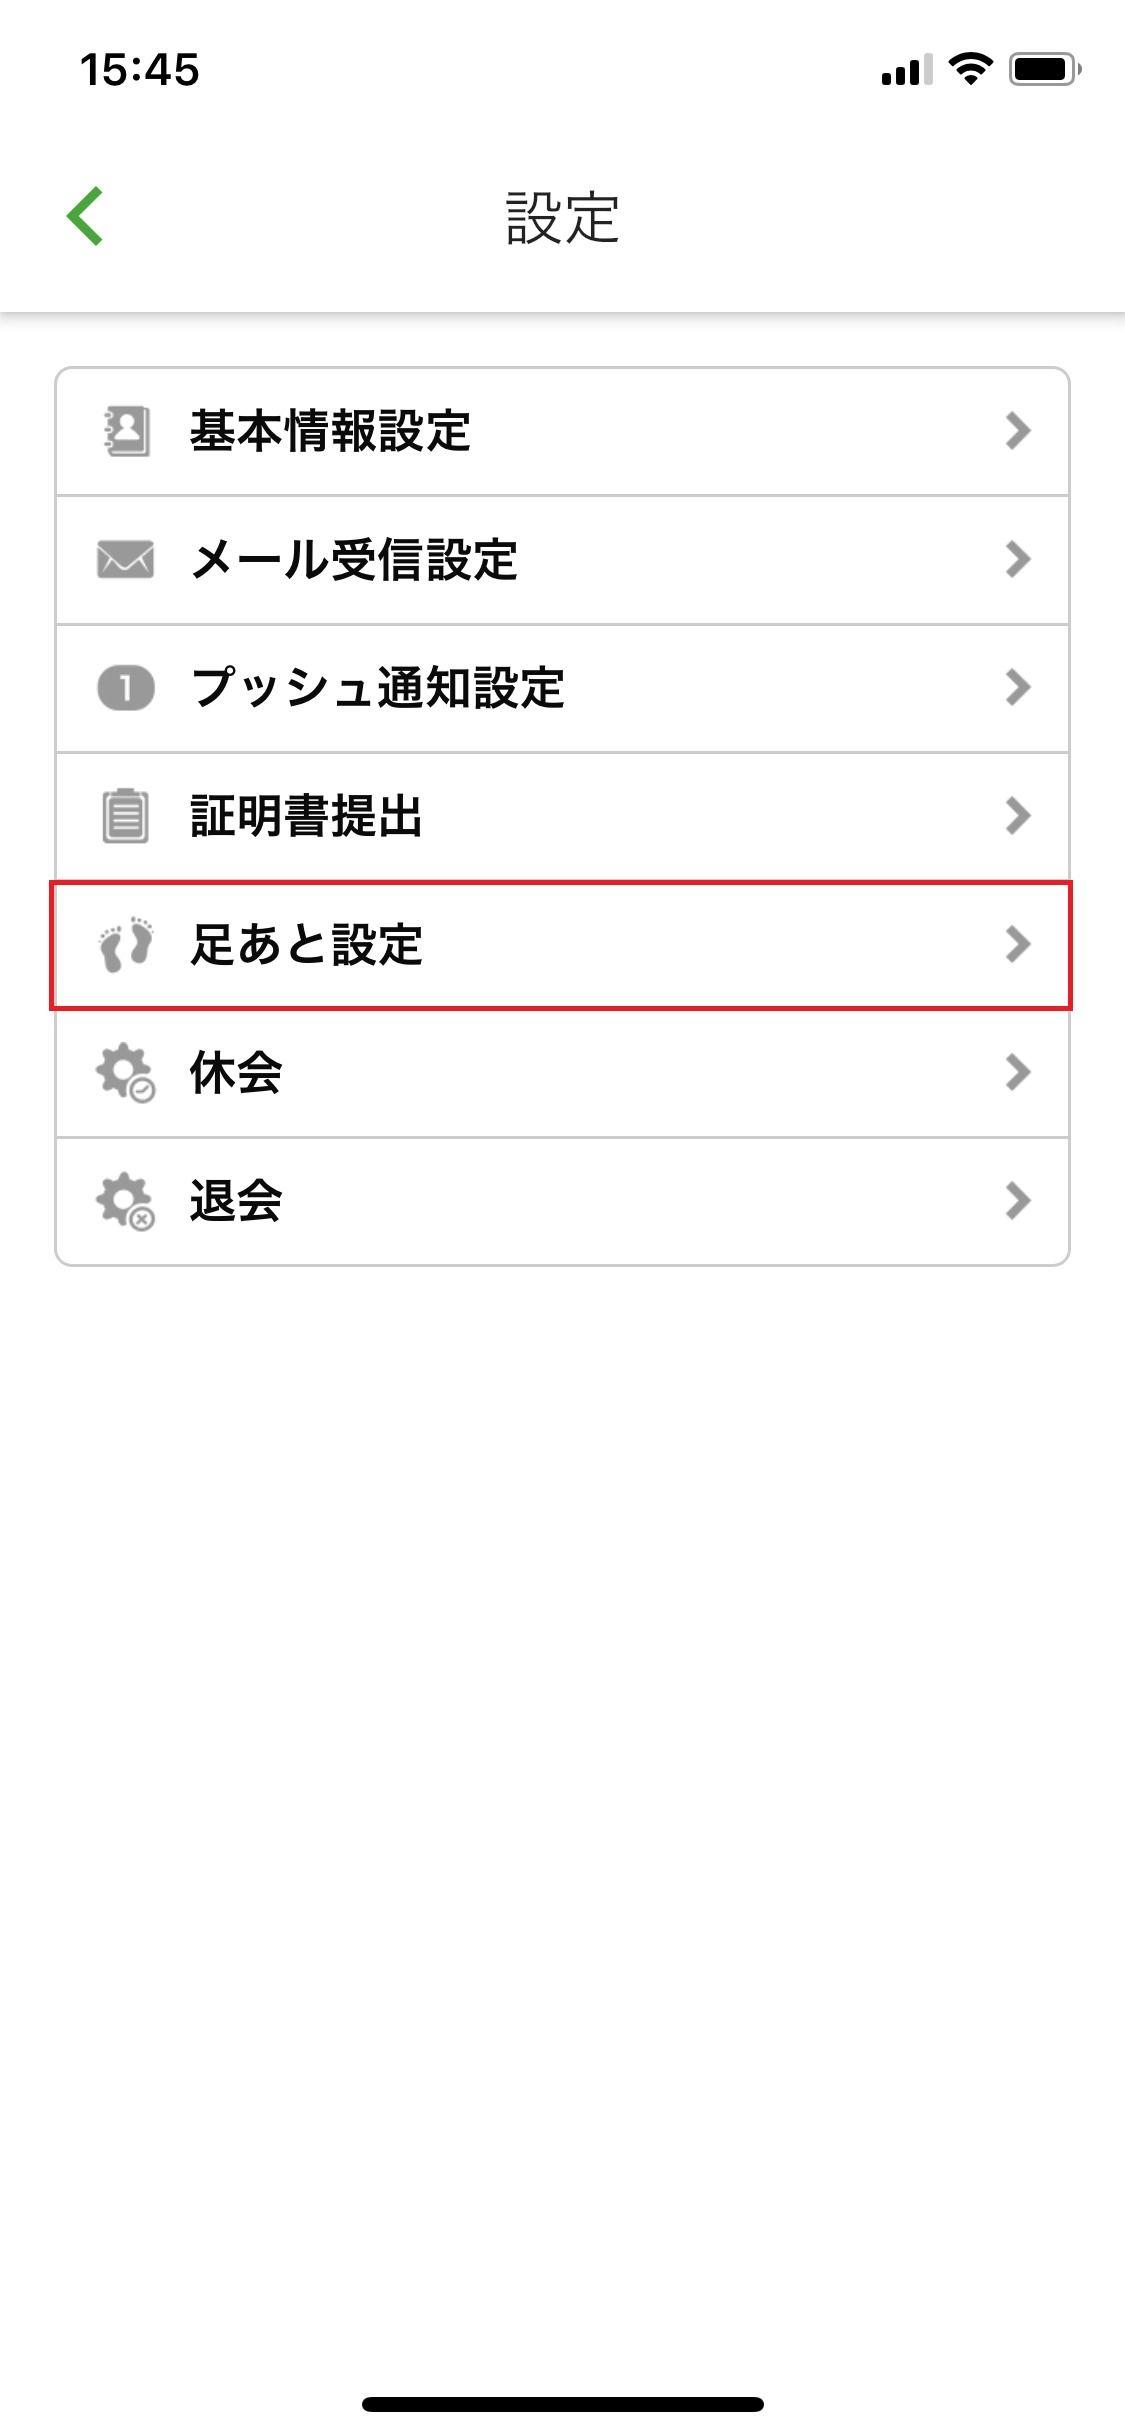 ユーブライド アプリでの設定方法